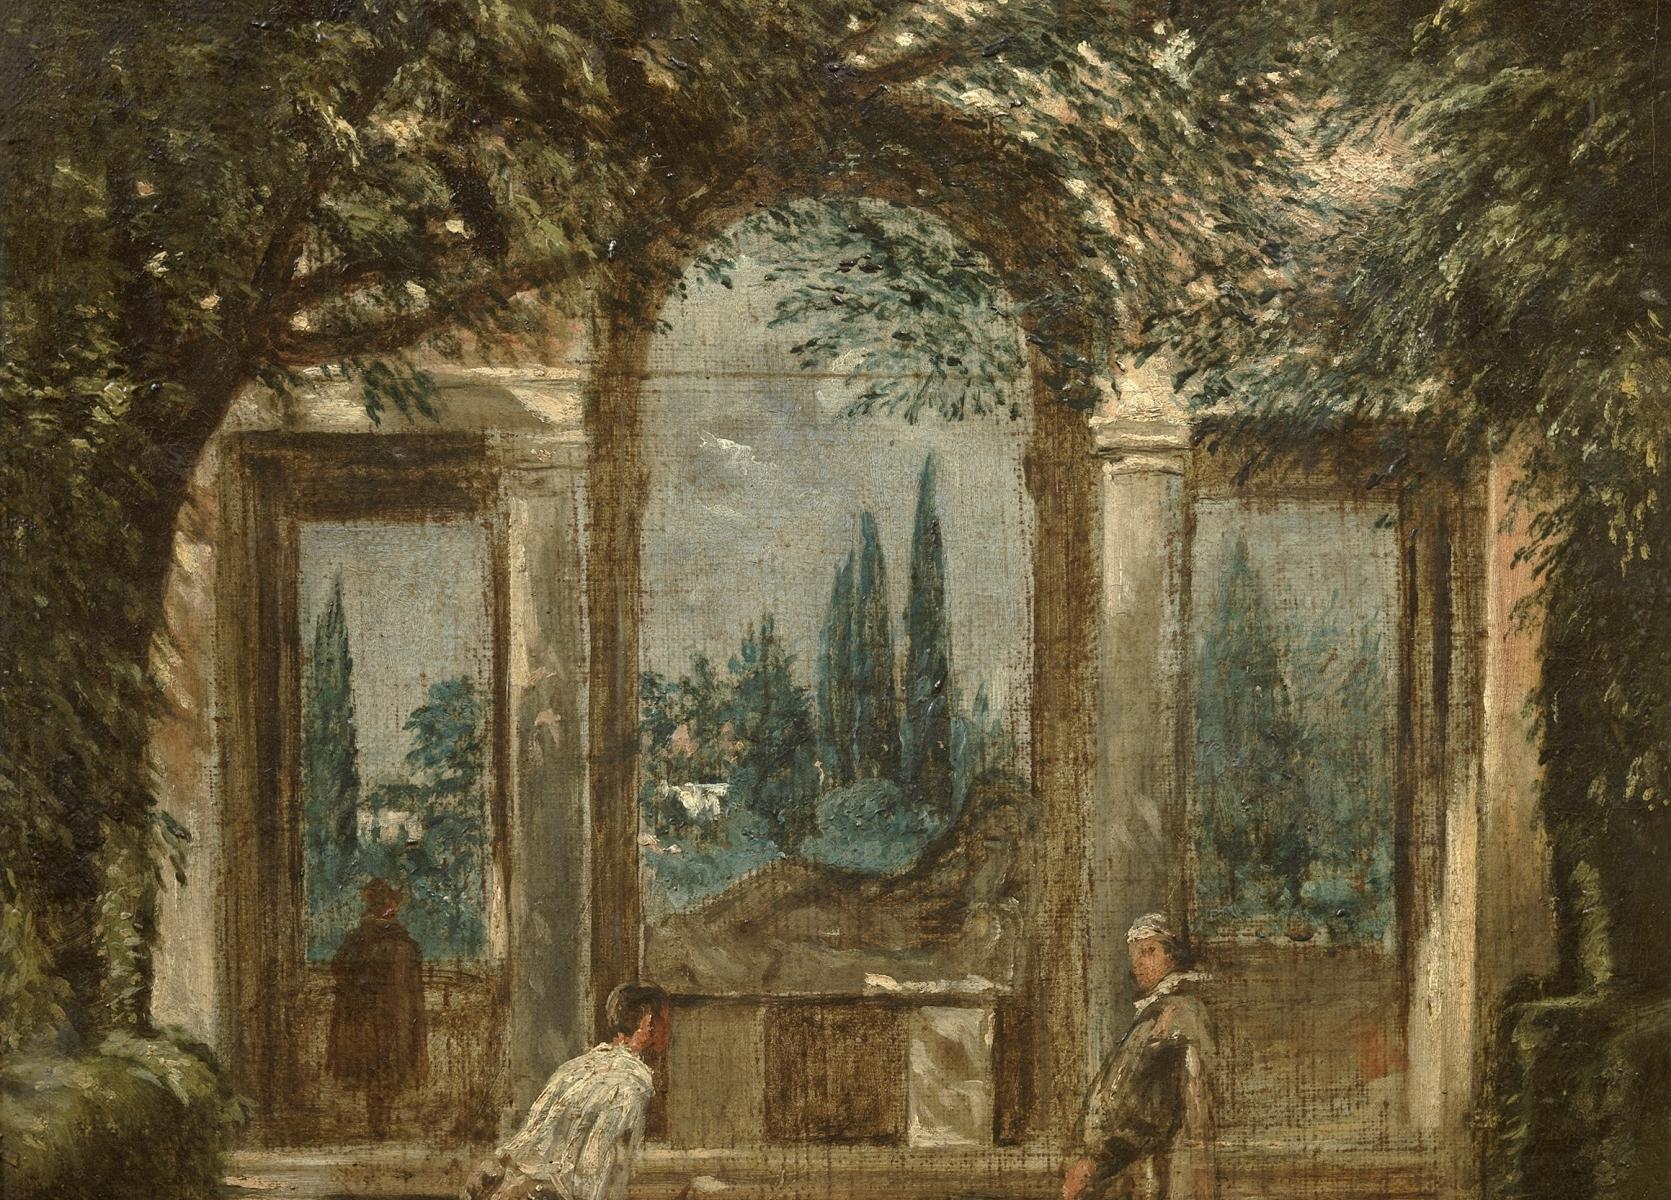 © Madrid, Museo Nacional del Prado. Disponible en http://www.museodelprado.es/